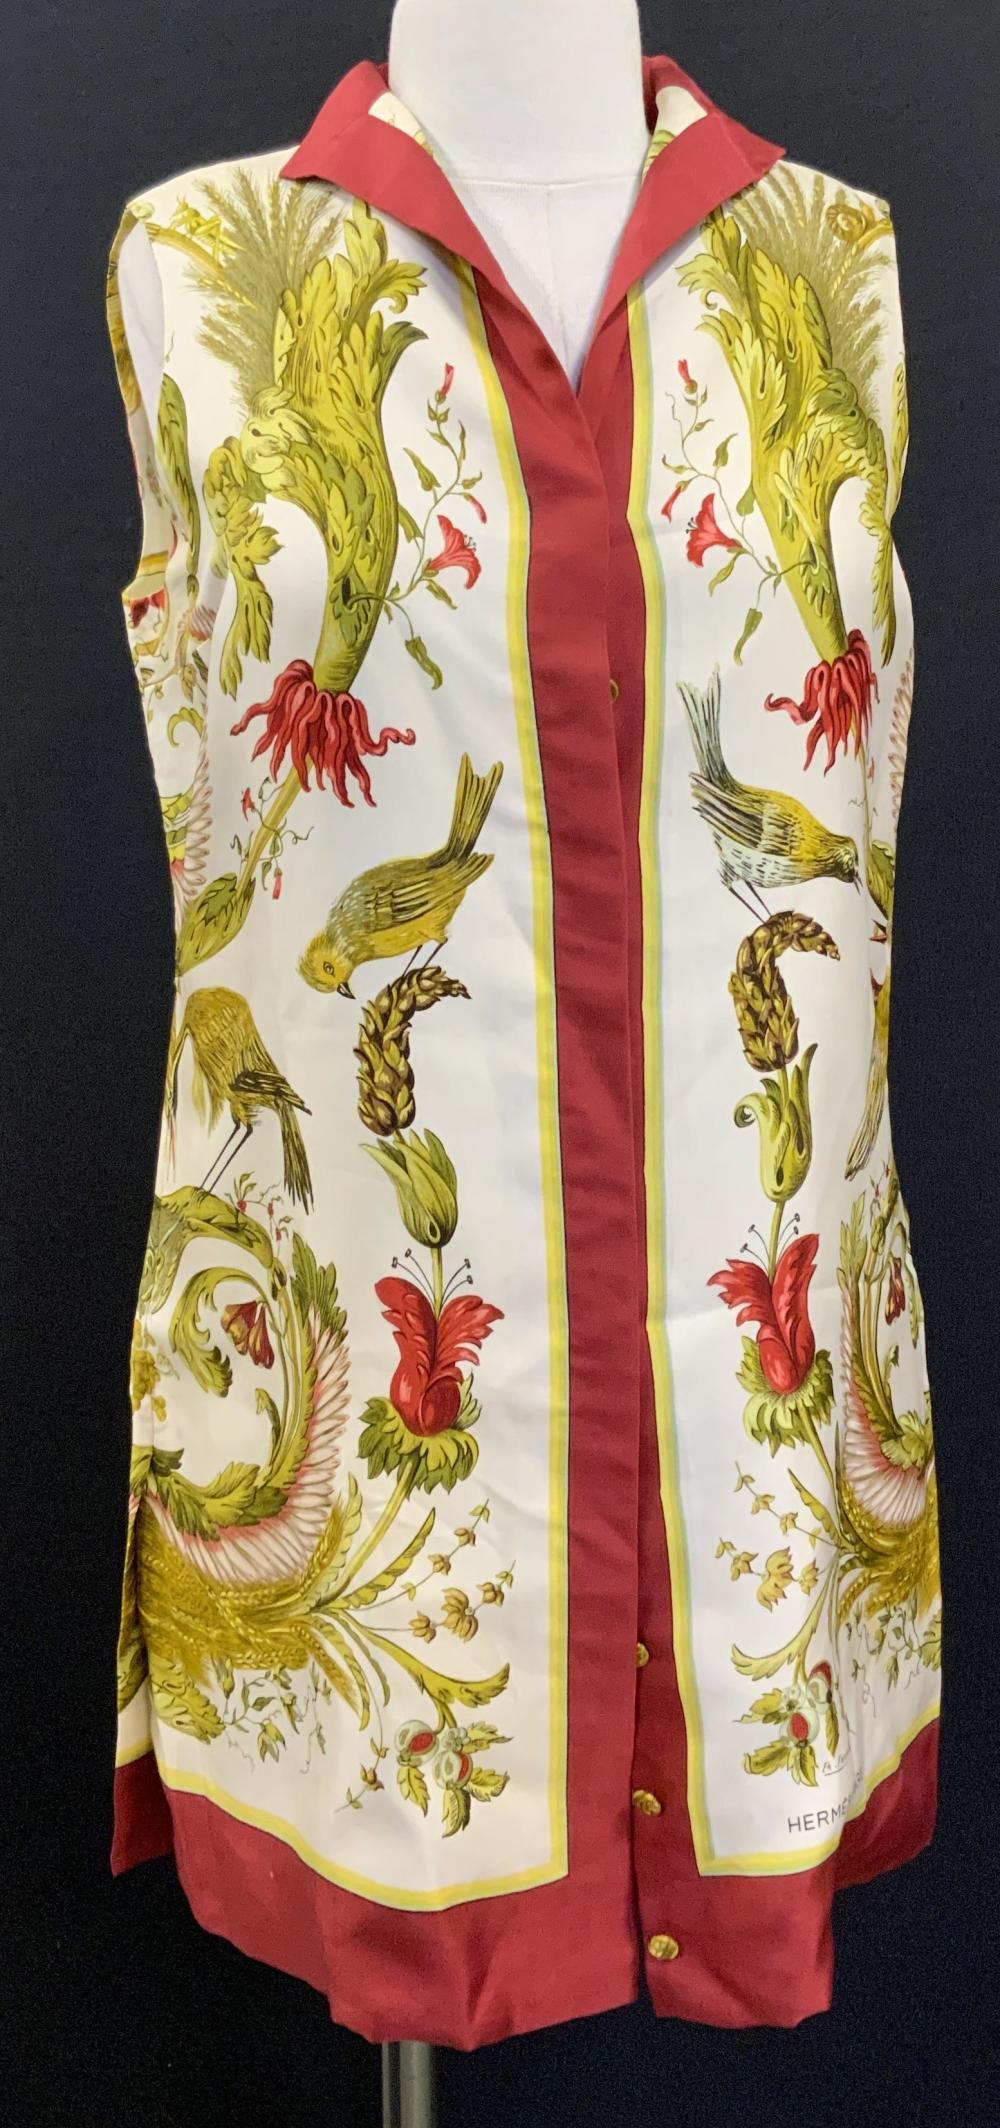 HERMÈS PARIS BOUTIQUE SPORT Silk Patterned Vest